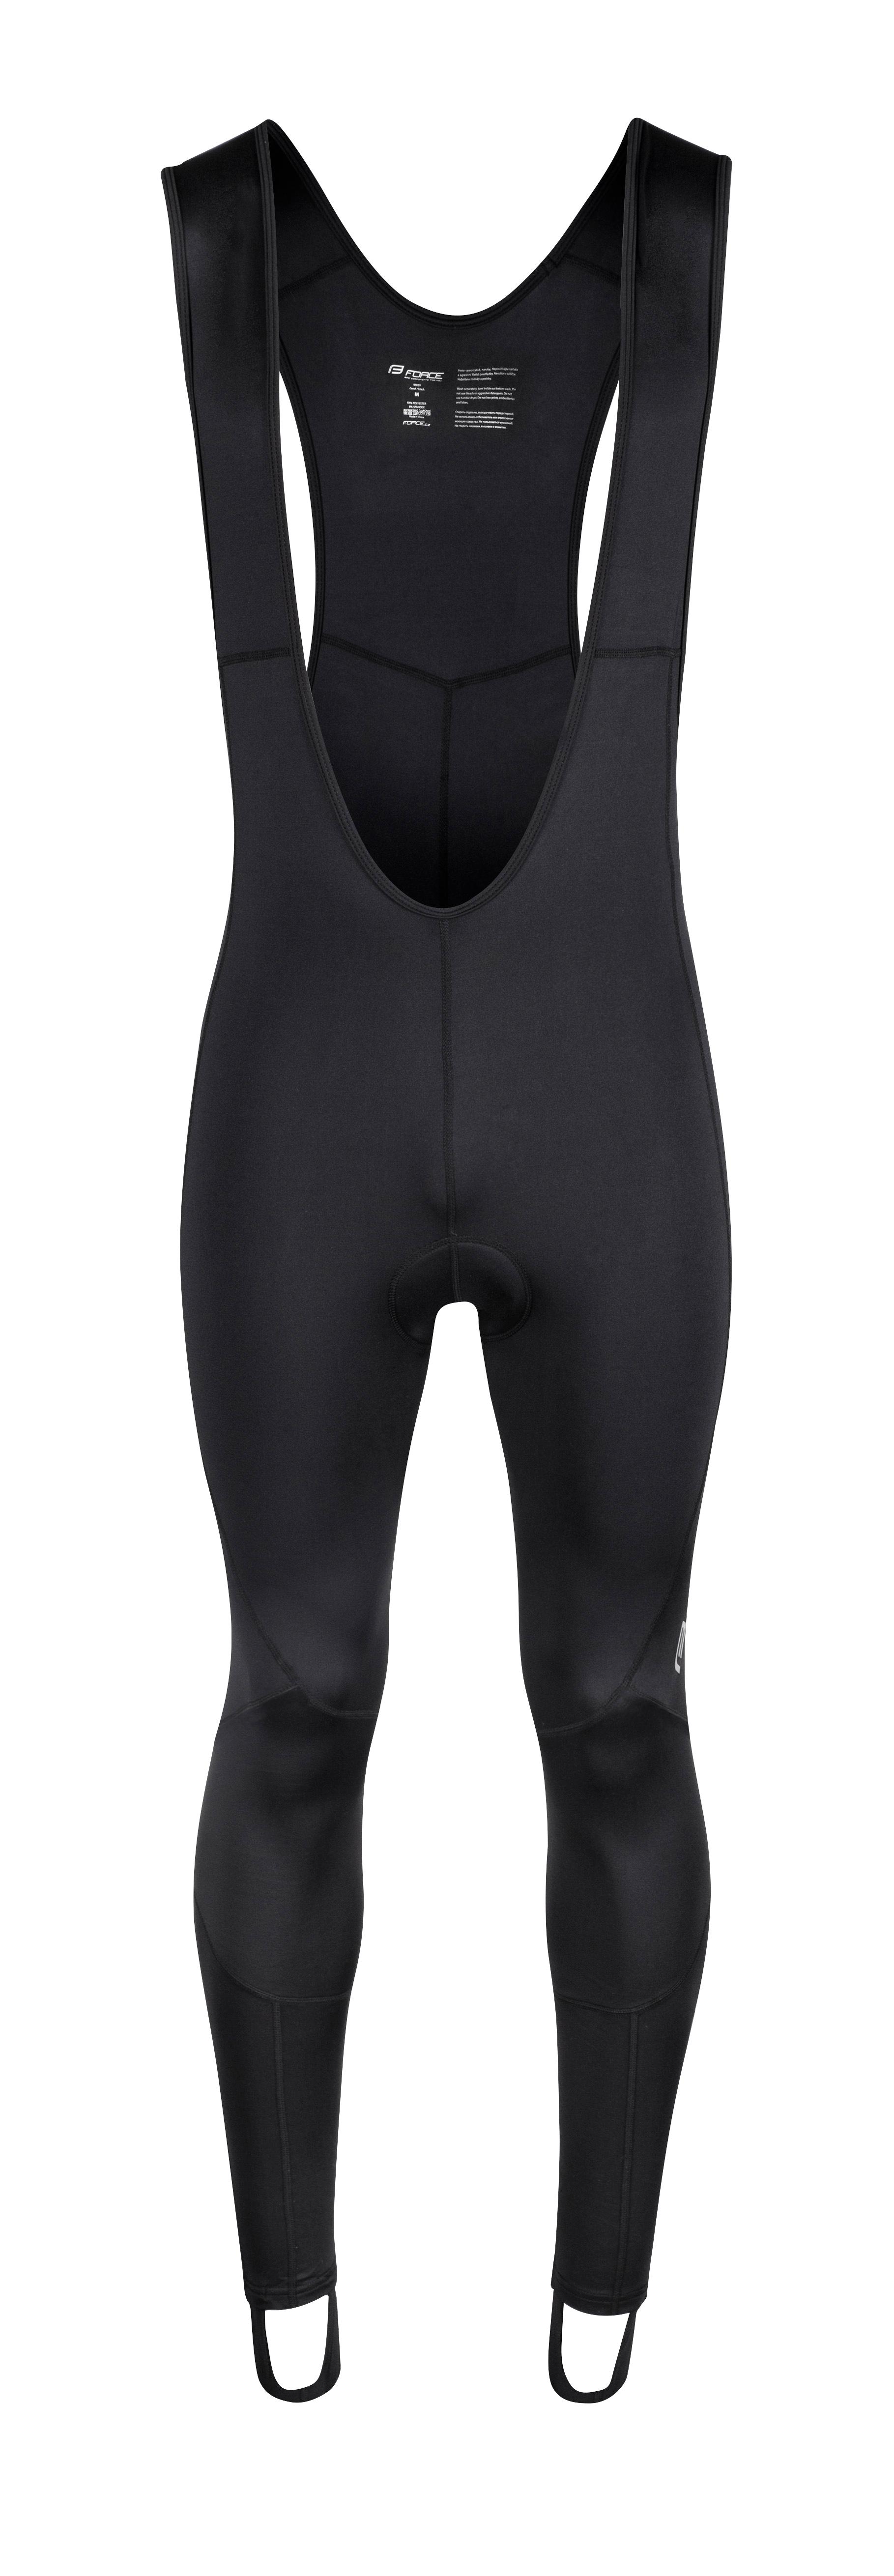 kalhoty FORCE Z68 se šráky a vložkou, černé XL